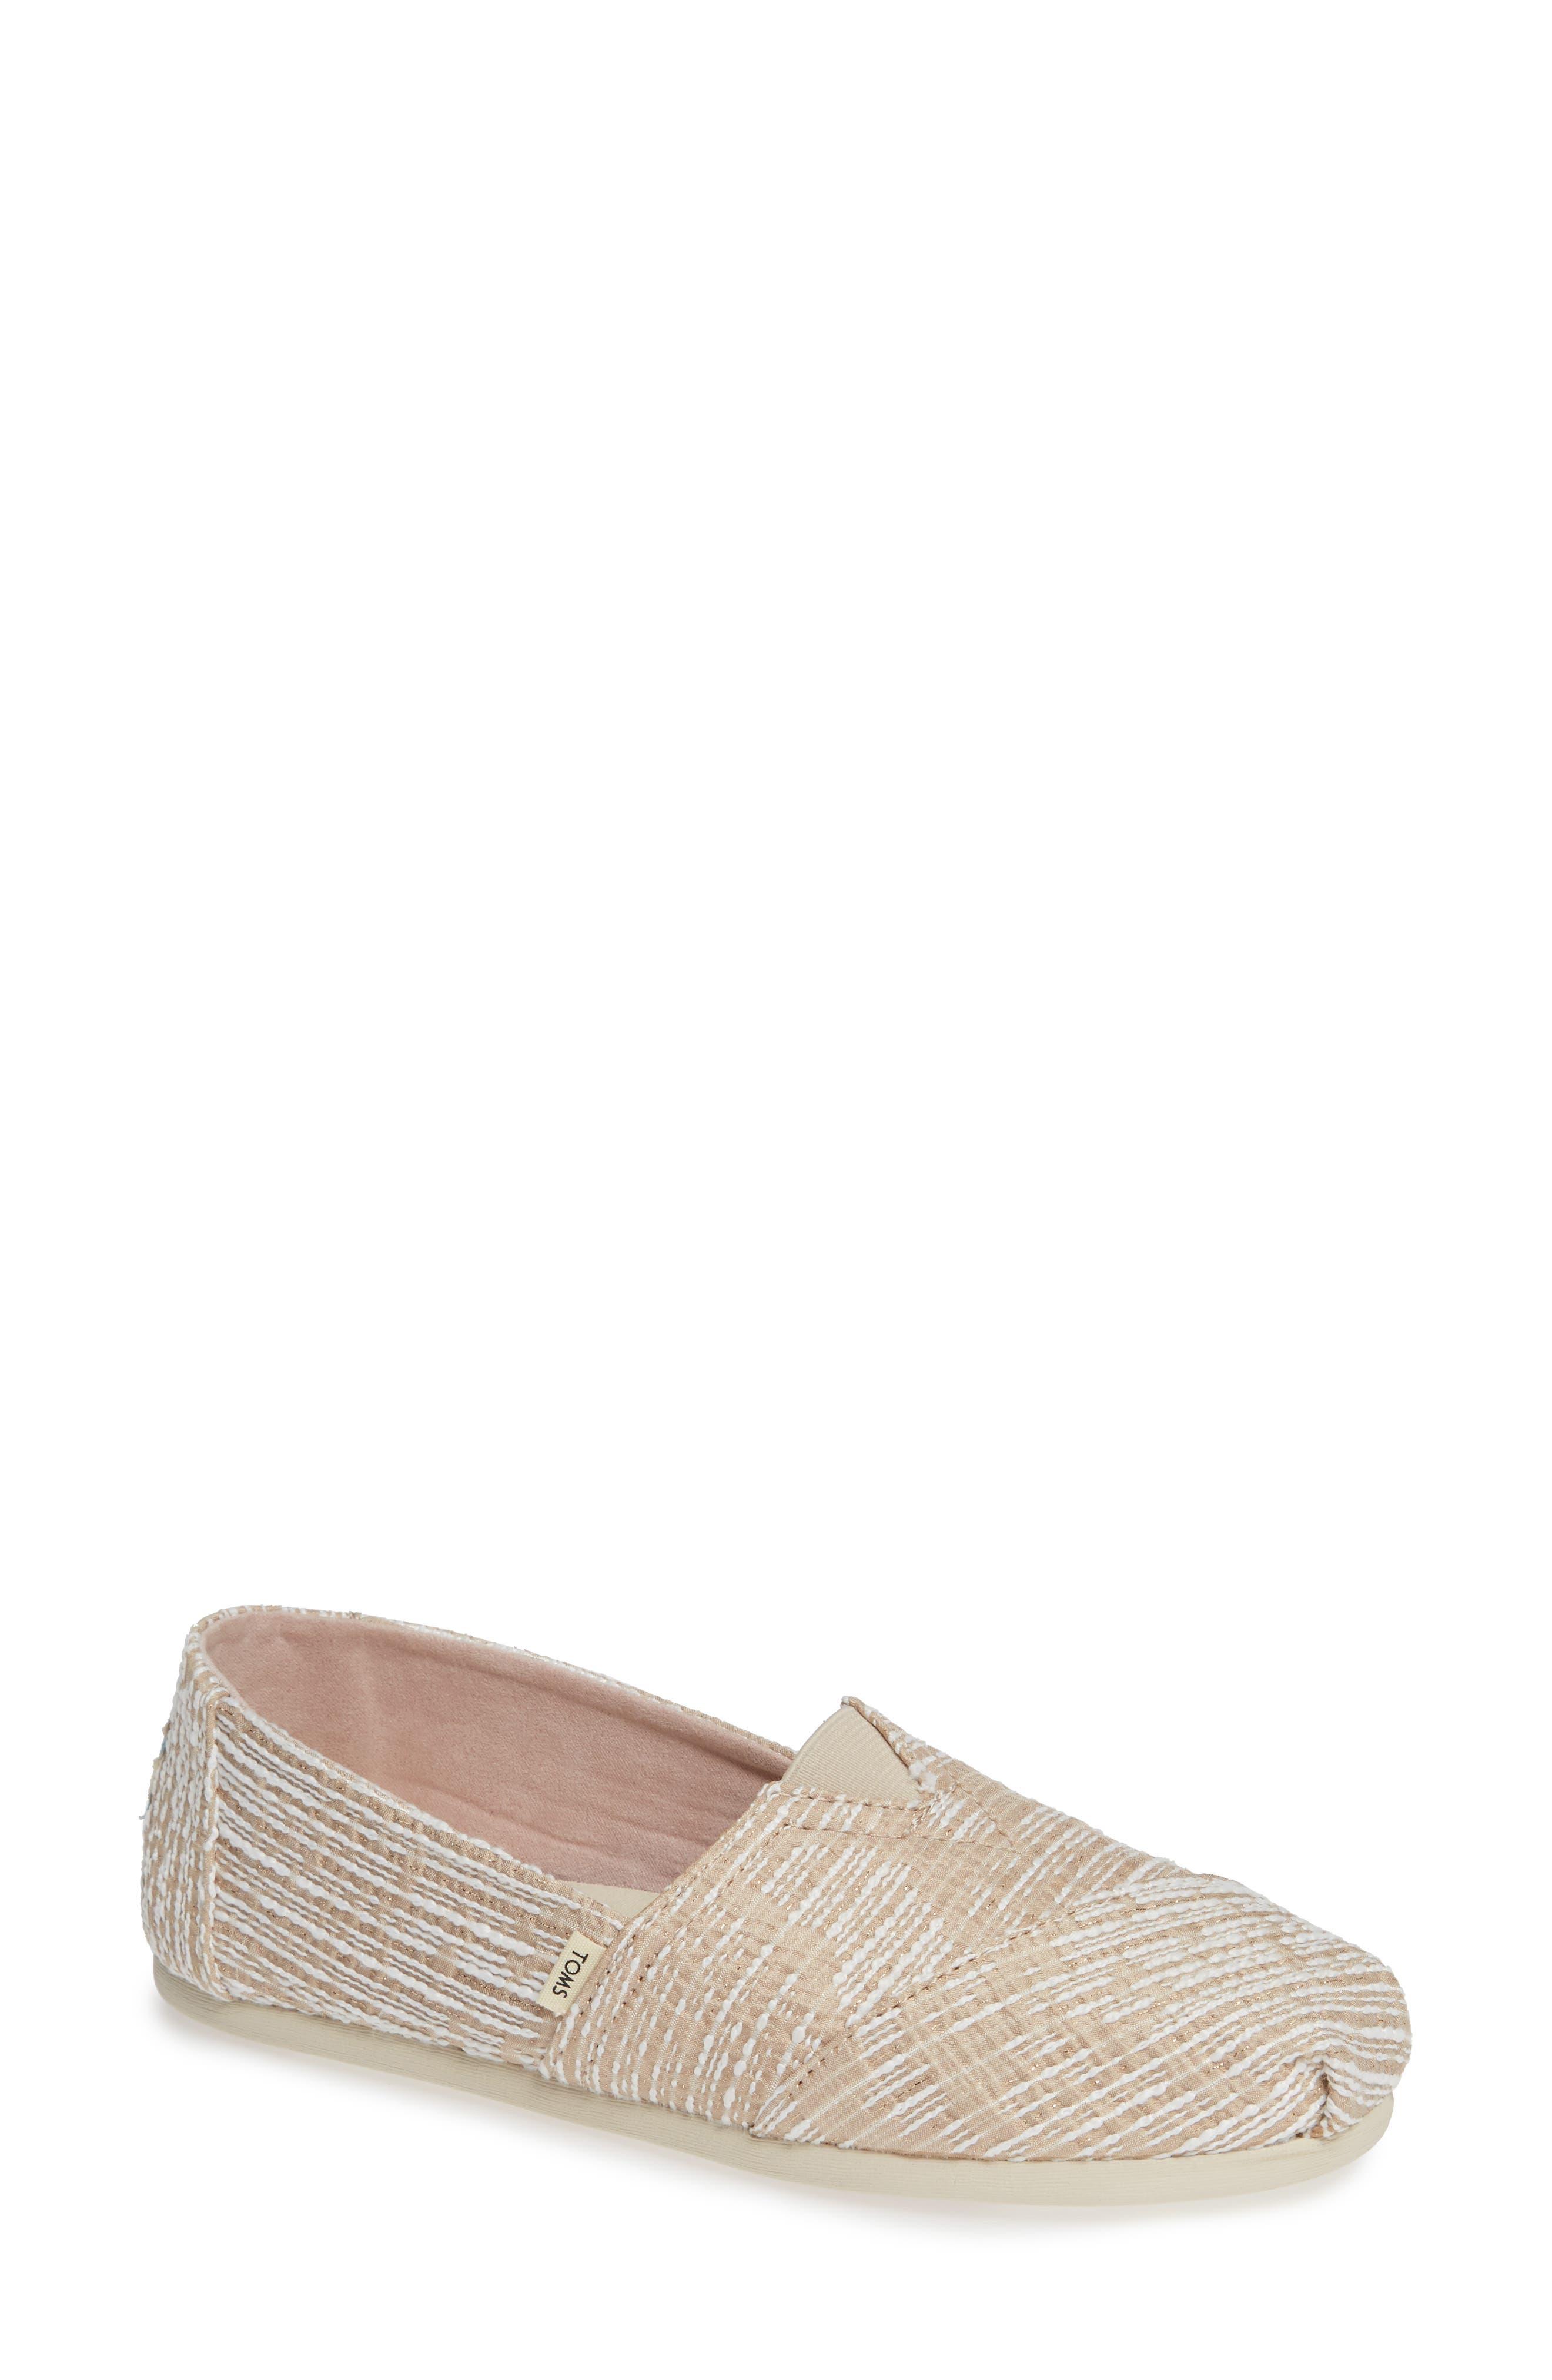 Classic - Alpargata Slip-On,                         Main,                         color, Oxford Tan Fabric